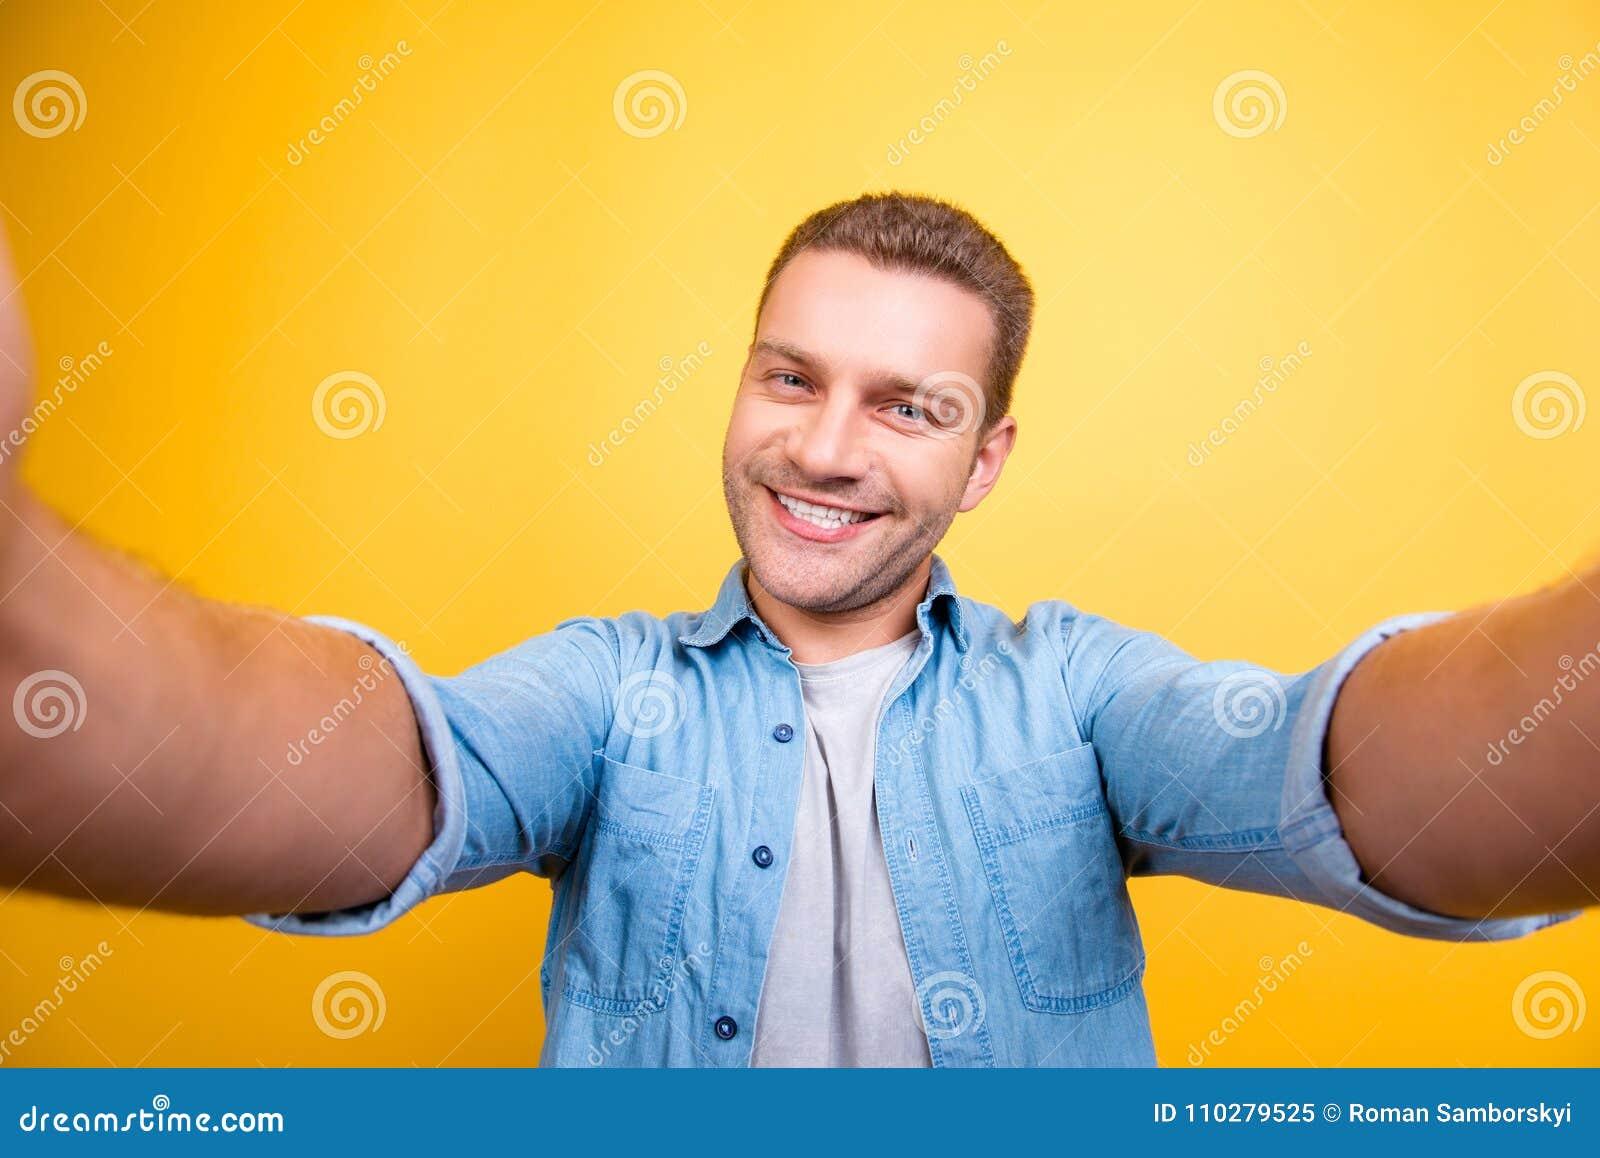 Zelfportret van de aantrekkelijke, leuke, glimlachende mens met varkenshaar, stu